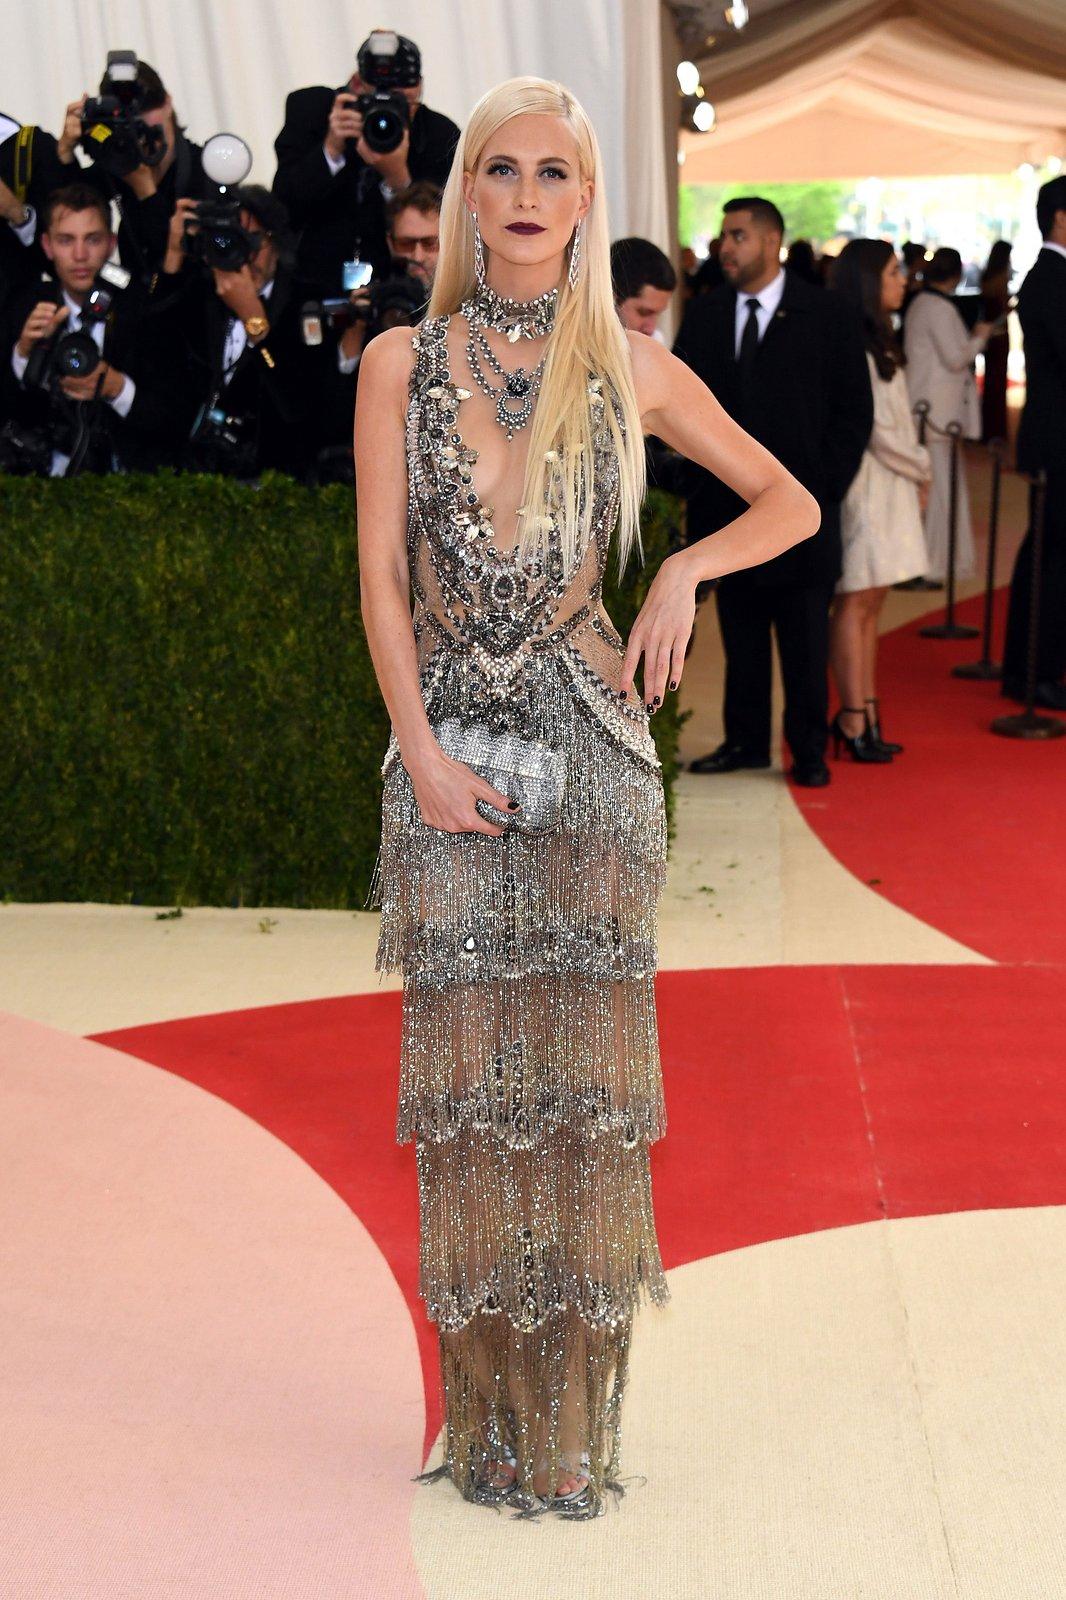 met gala 2016 l poppy delevingne l sukienka marchesa